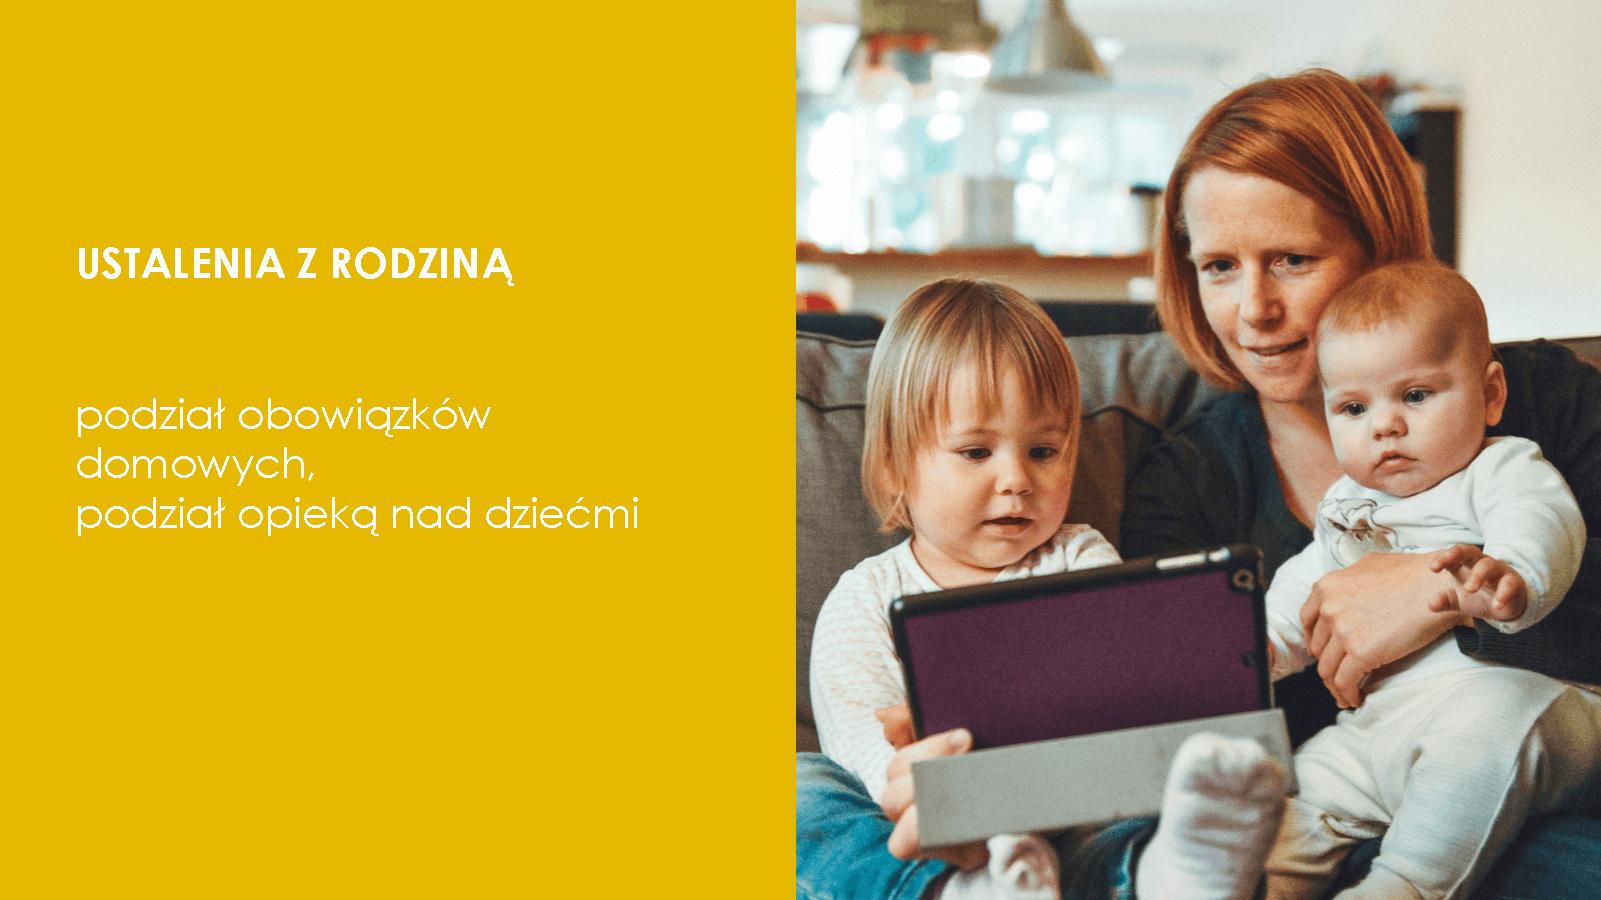 Praca w domu, dobre praktyki: ustalenia z rodziną